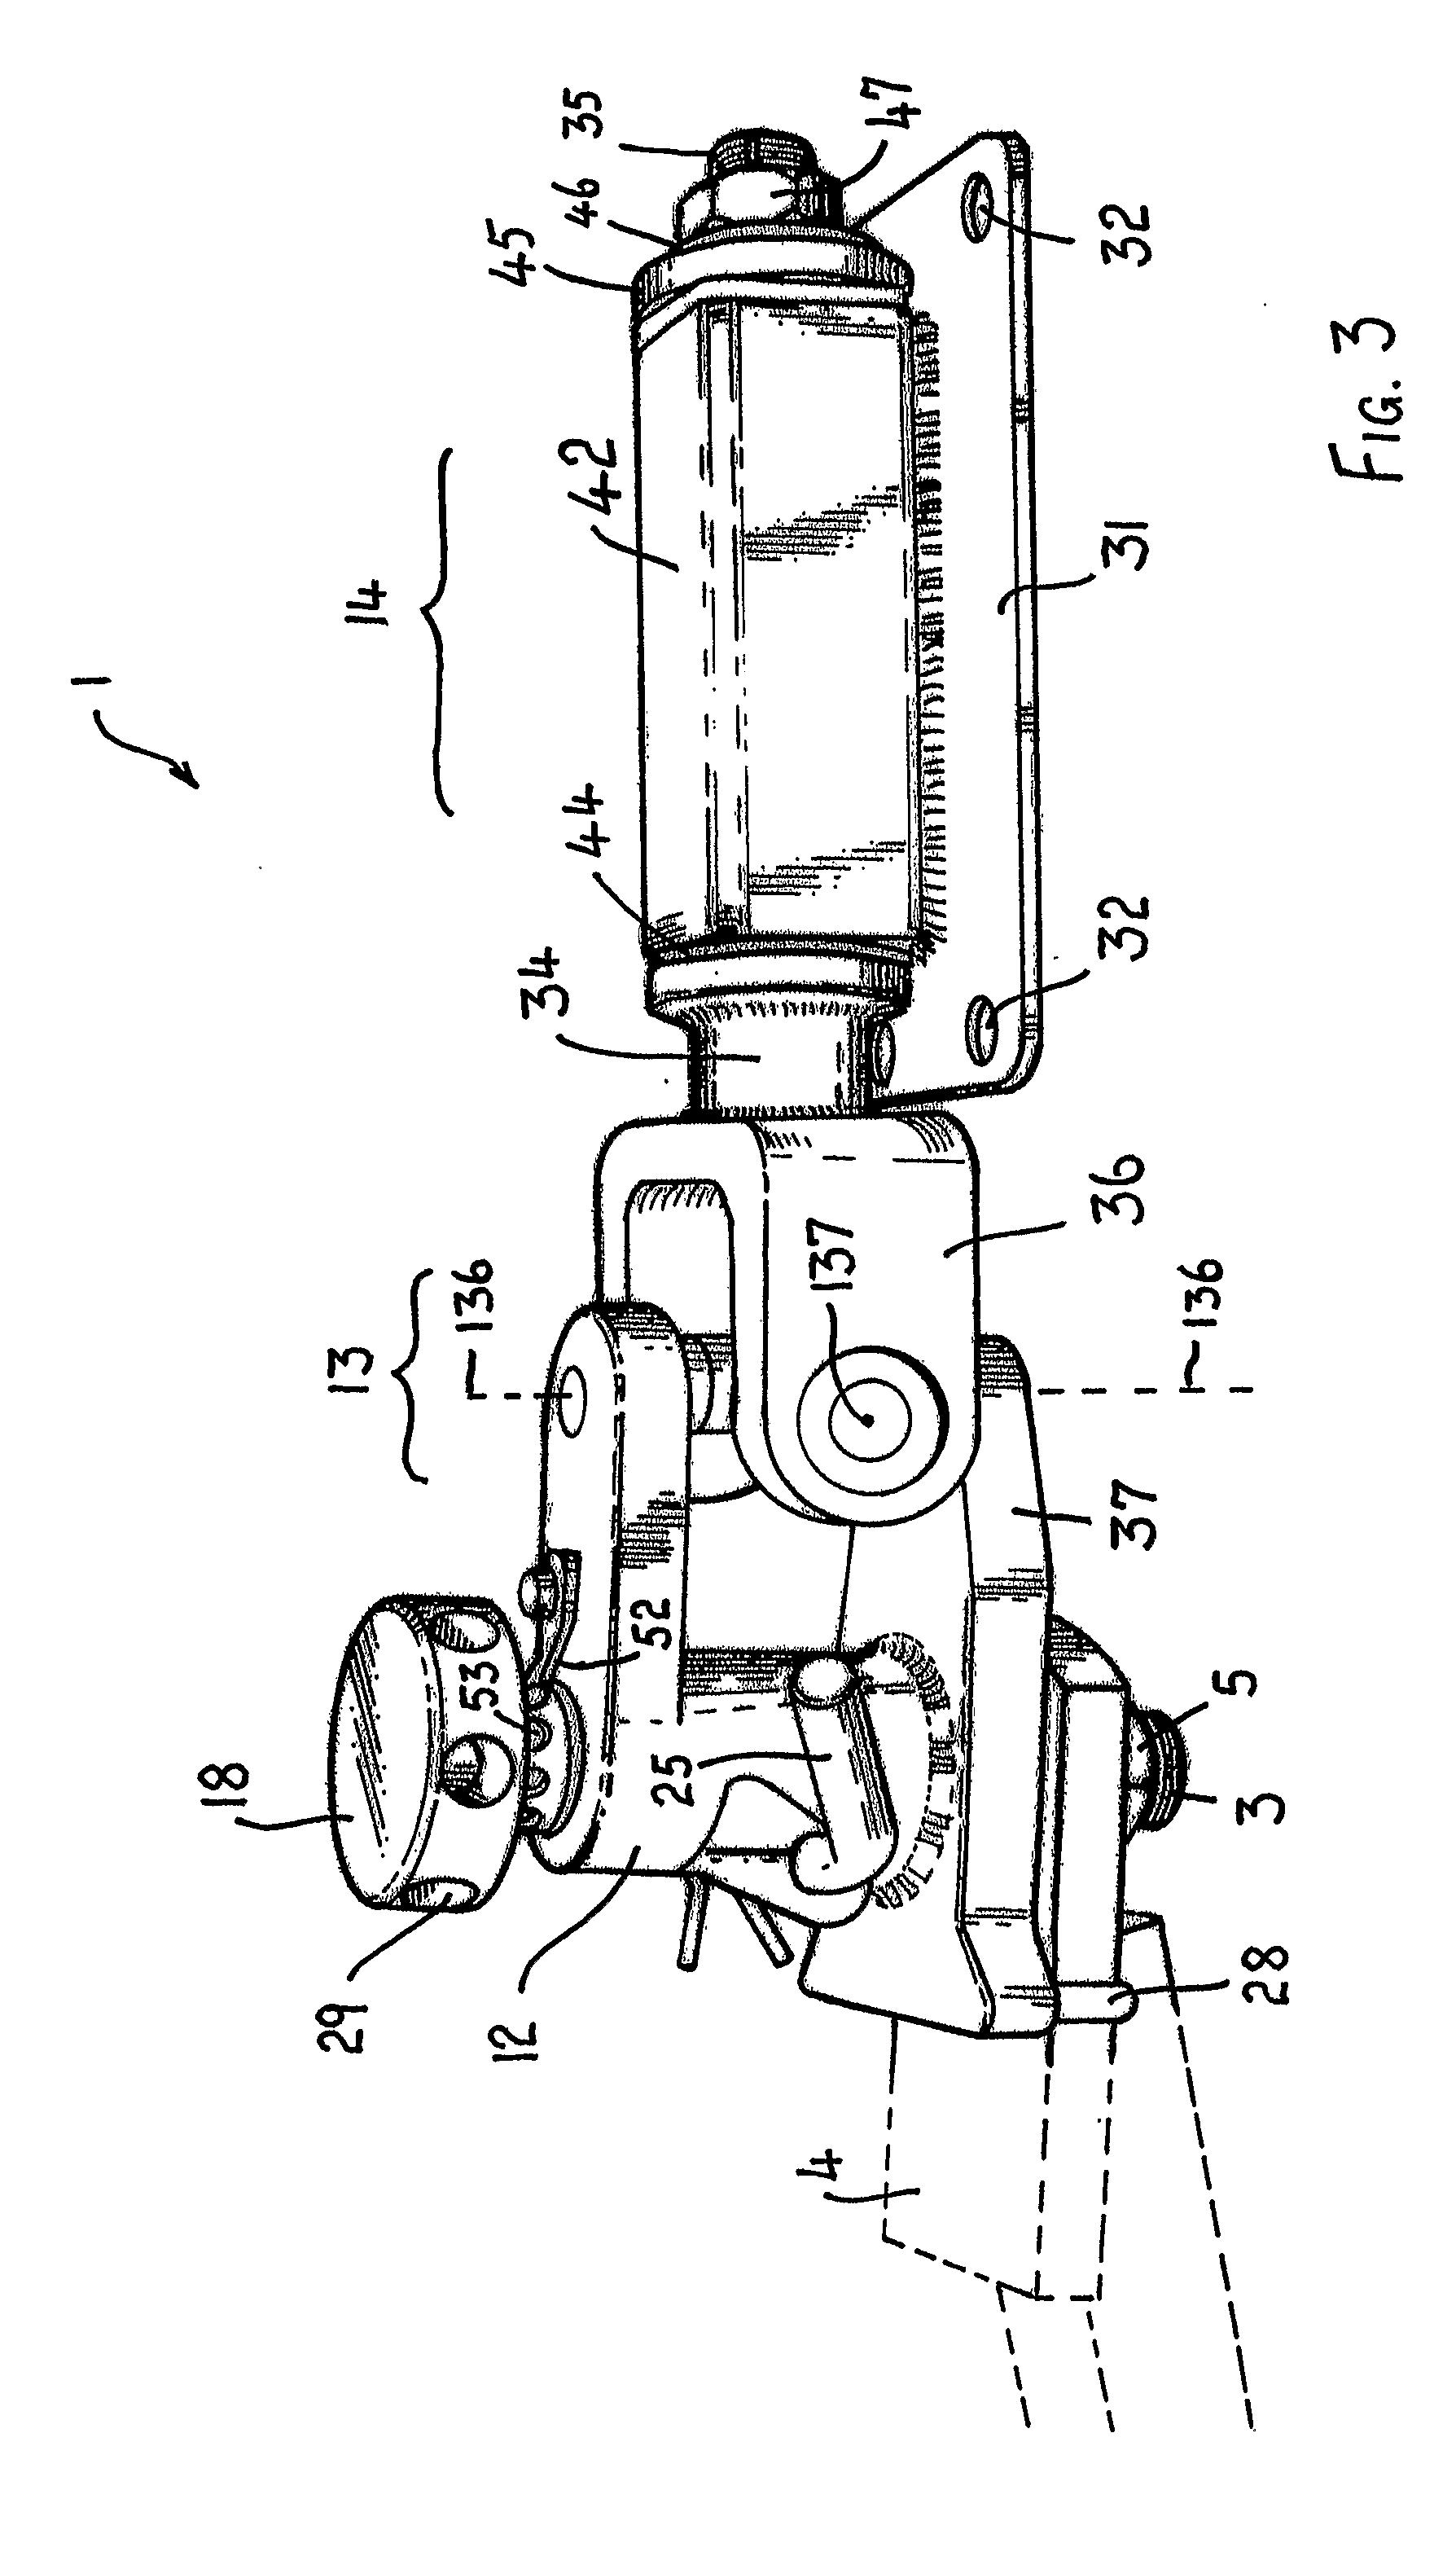 patente us20120007337 - trailer hitch